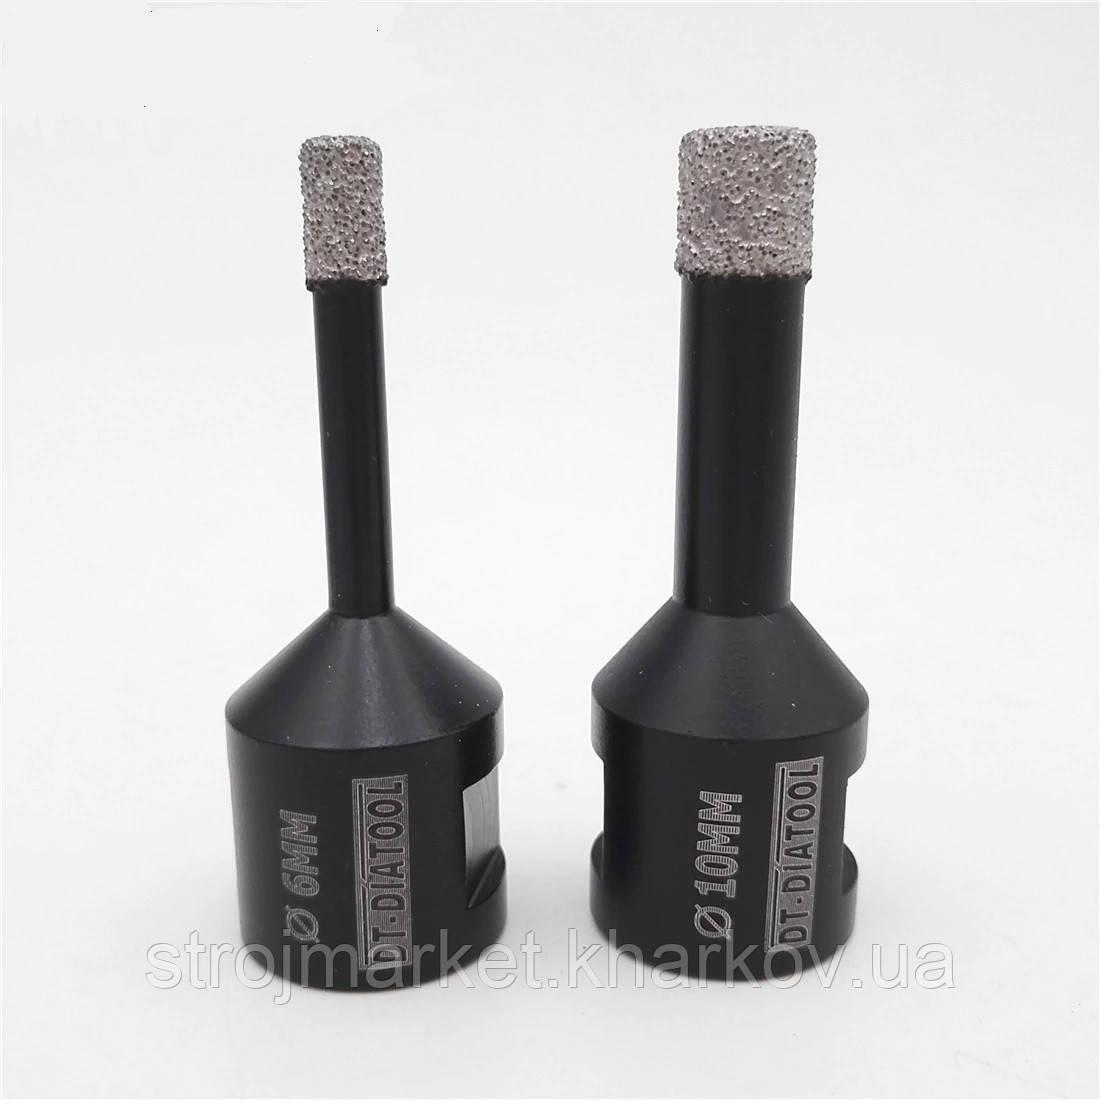 Алмазная коронка вакуумного спекания 6 мм Shdiatool (М14) УШМ